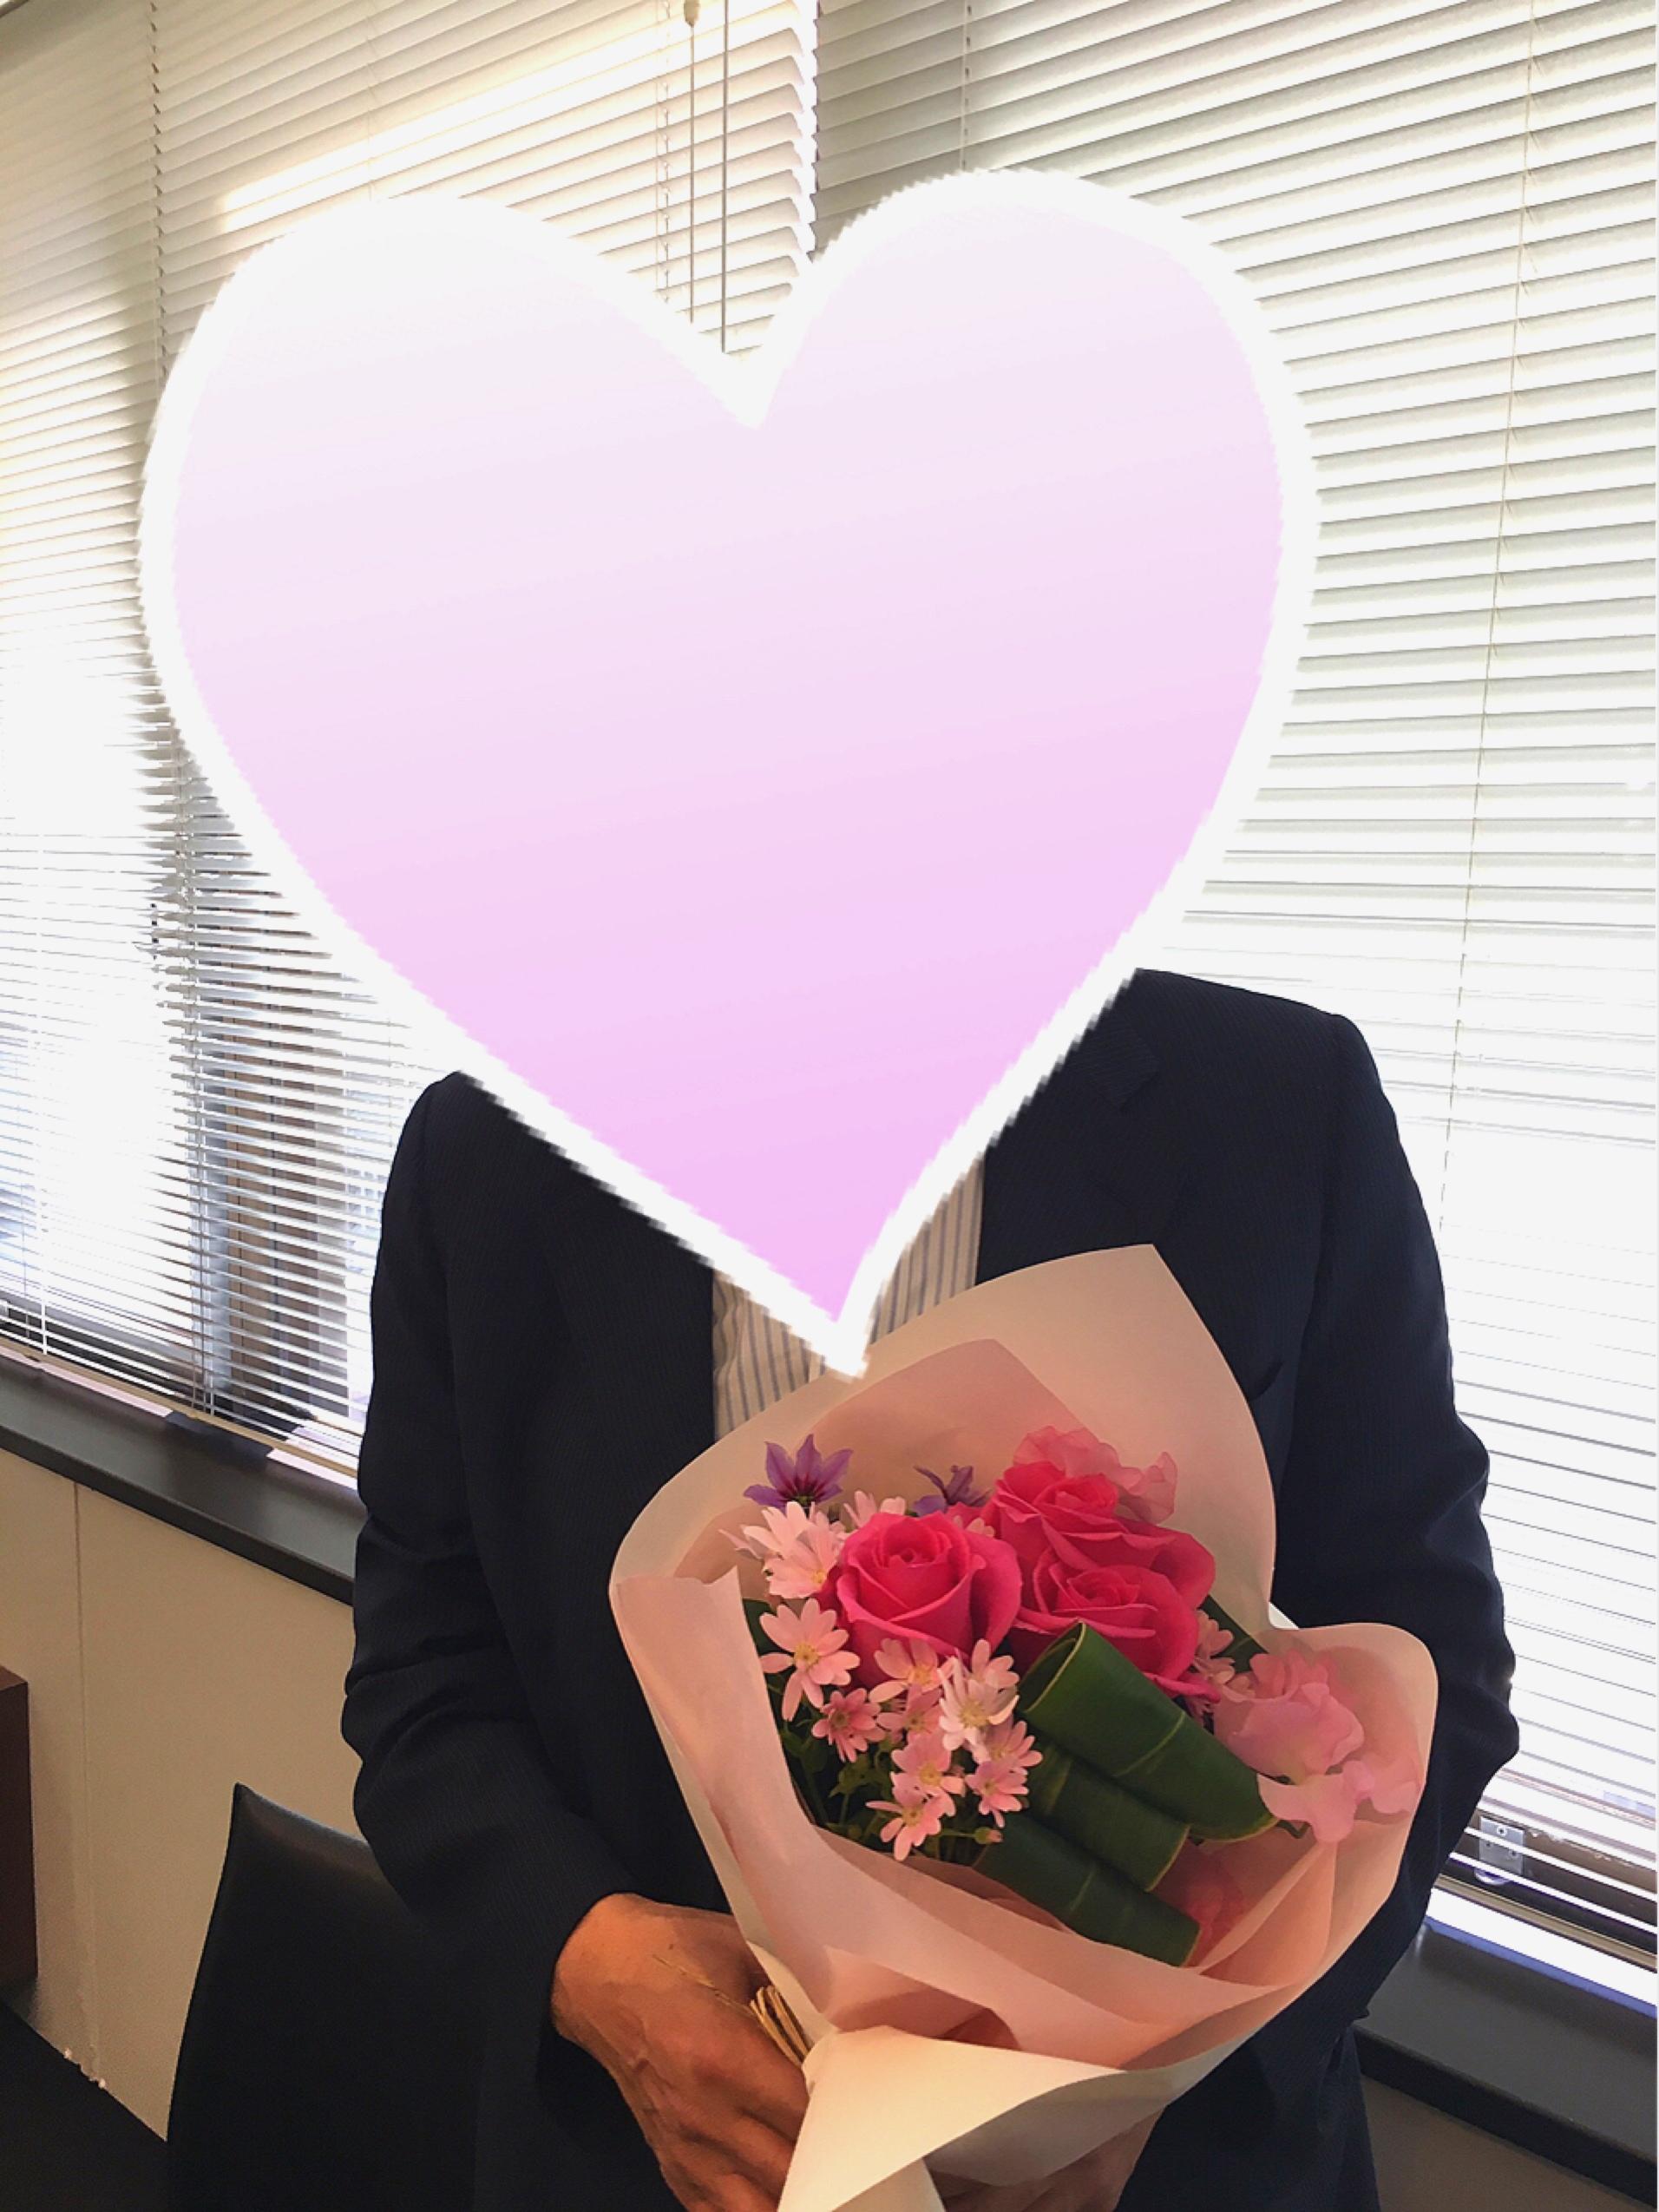 【成婚インタビュー】原口 慎也さん(仮名)47歳